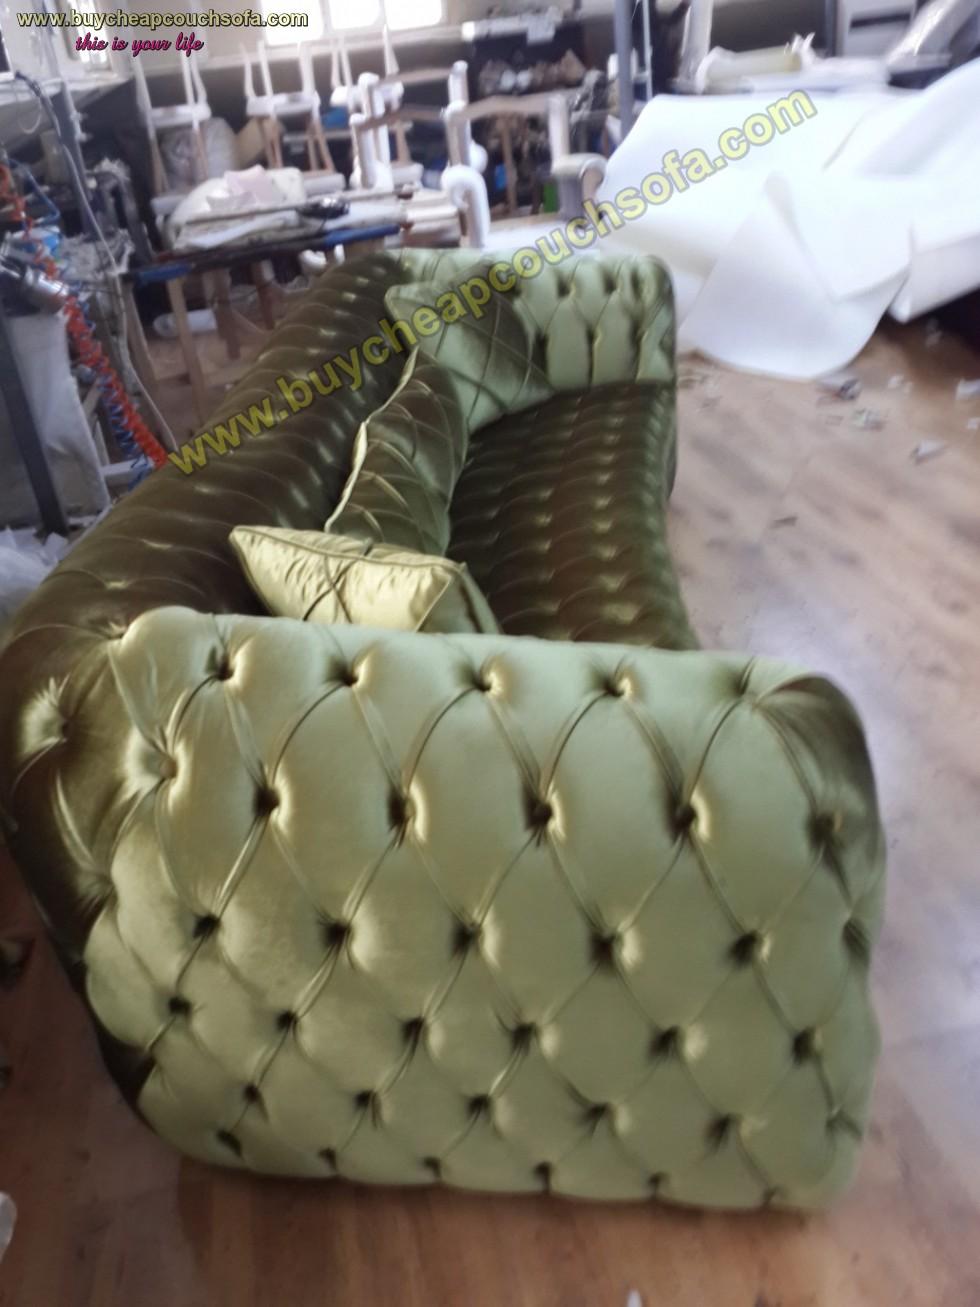 Kodu: 10251 - Luxury Chesterfield Sofa Green Velvet 4 Seater Curved Ultra Modern